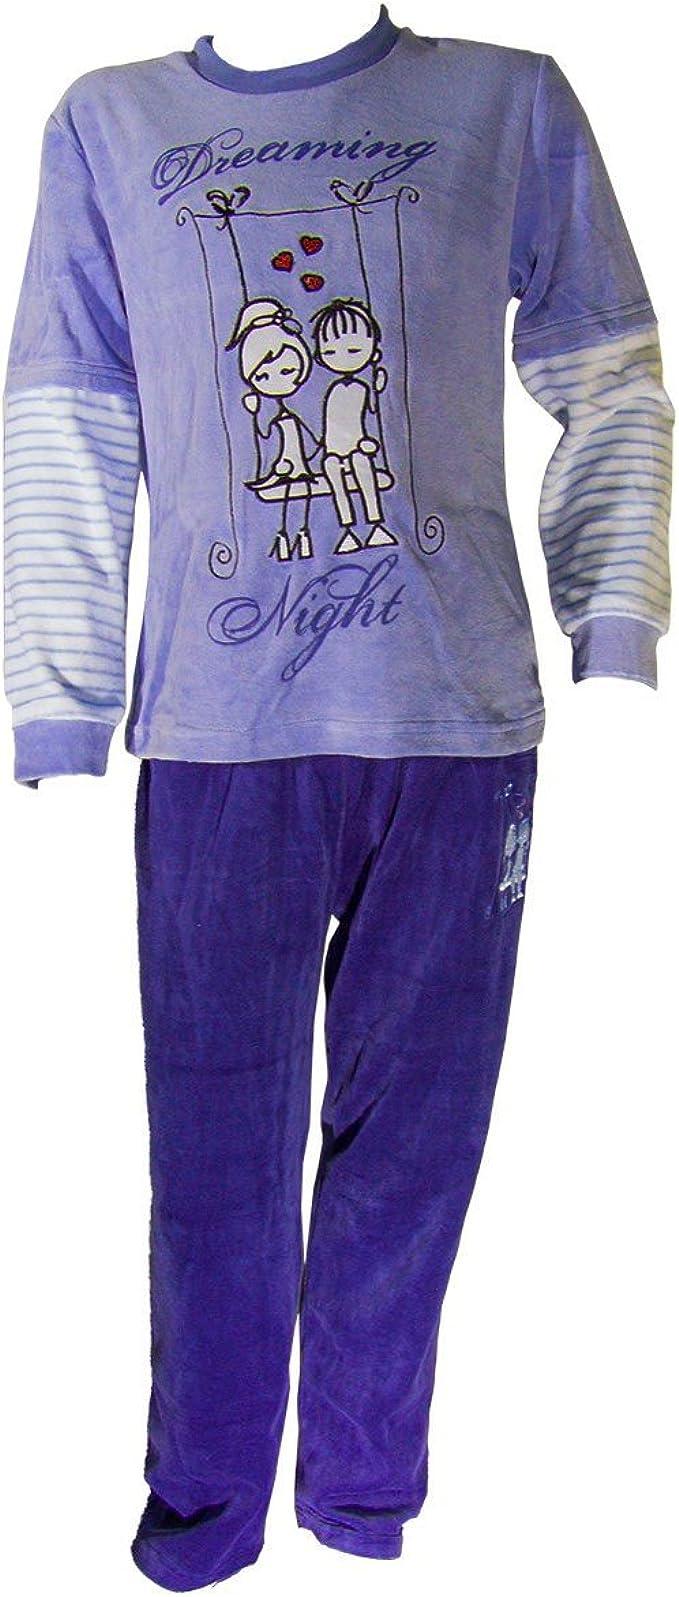 Pijama tundosado (Terciopelo) Manga Larga Niña - Juvenil ...